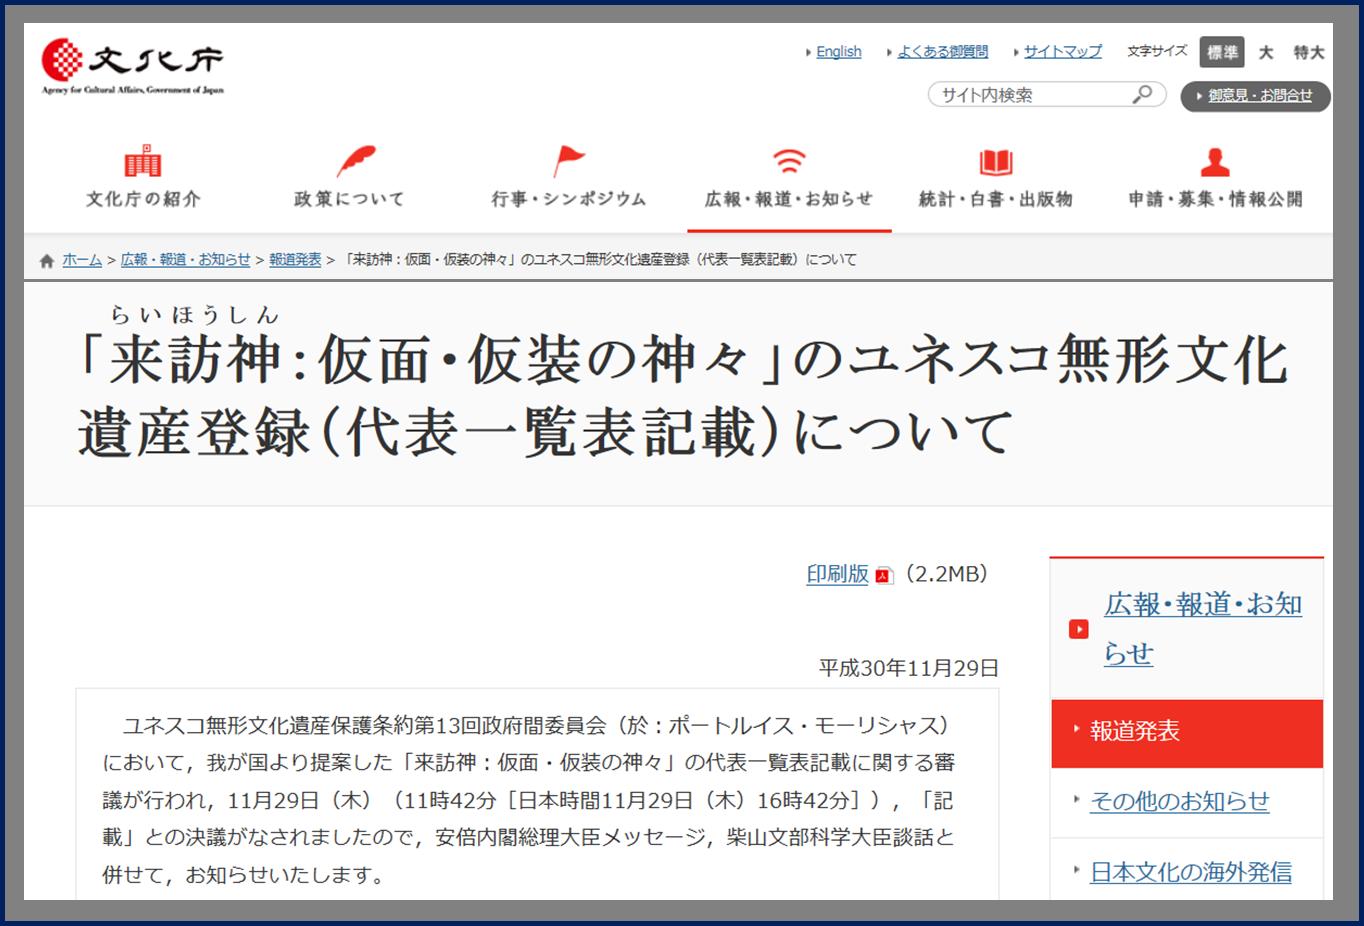 ユネスコ登録_文化庁